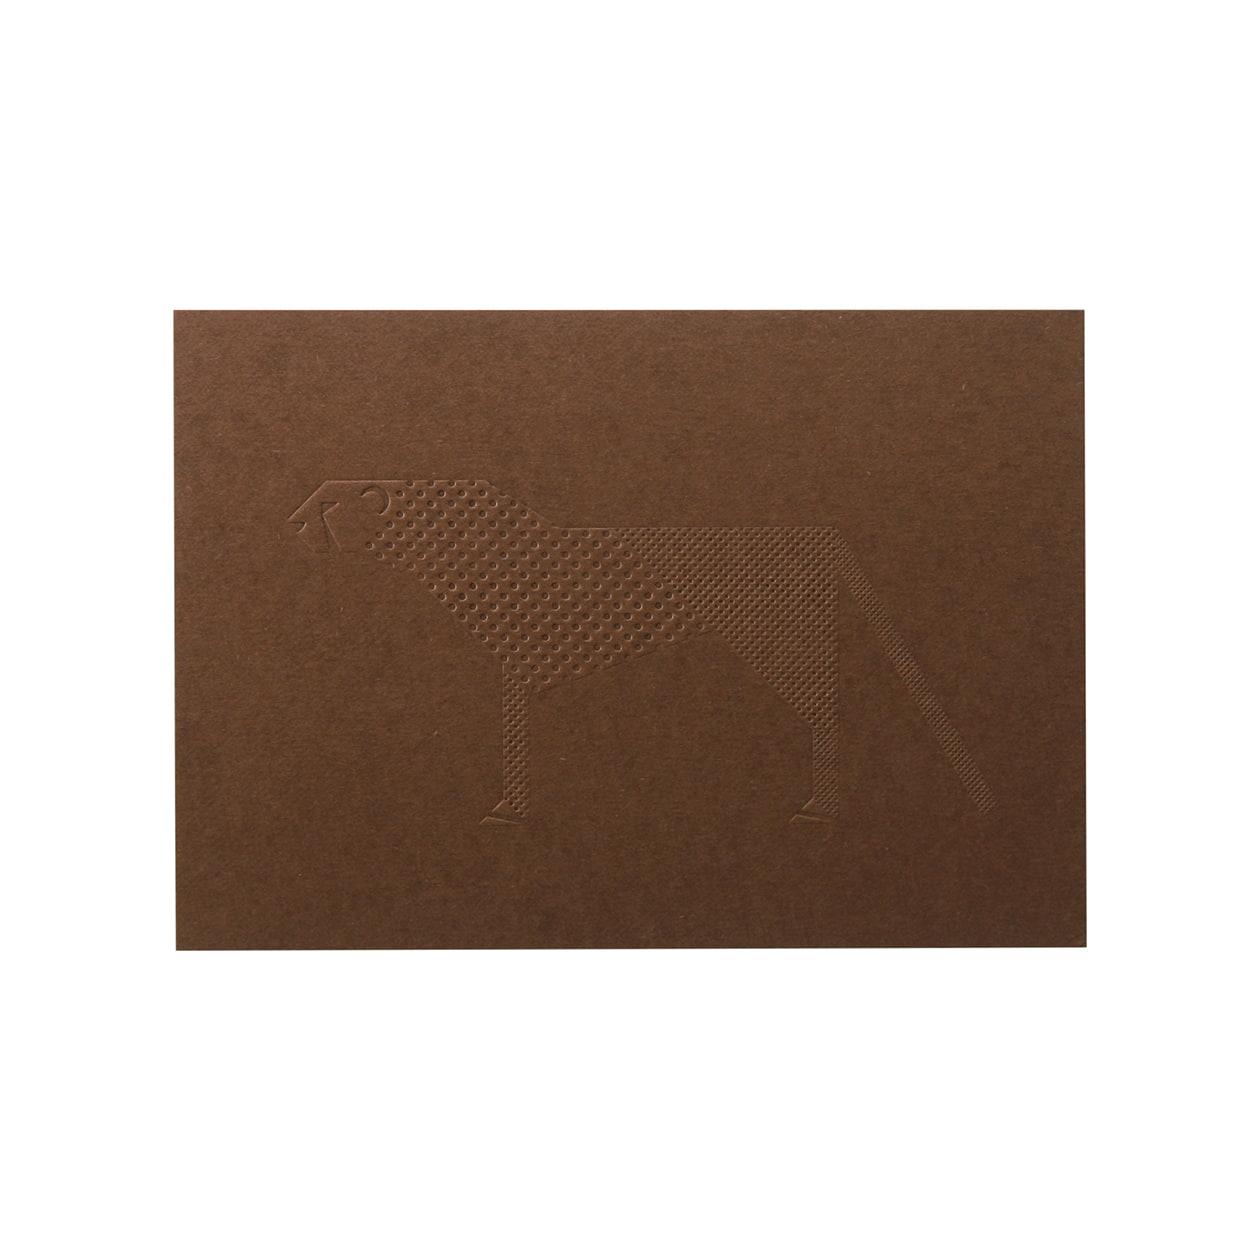 見本 00034 Pカード ボード紙 チョコレート 450g